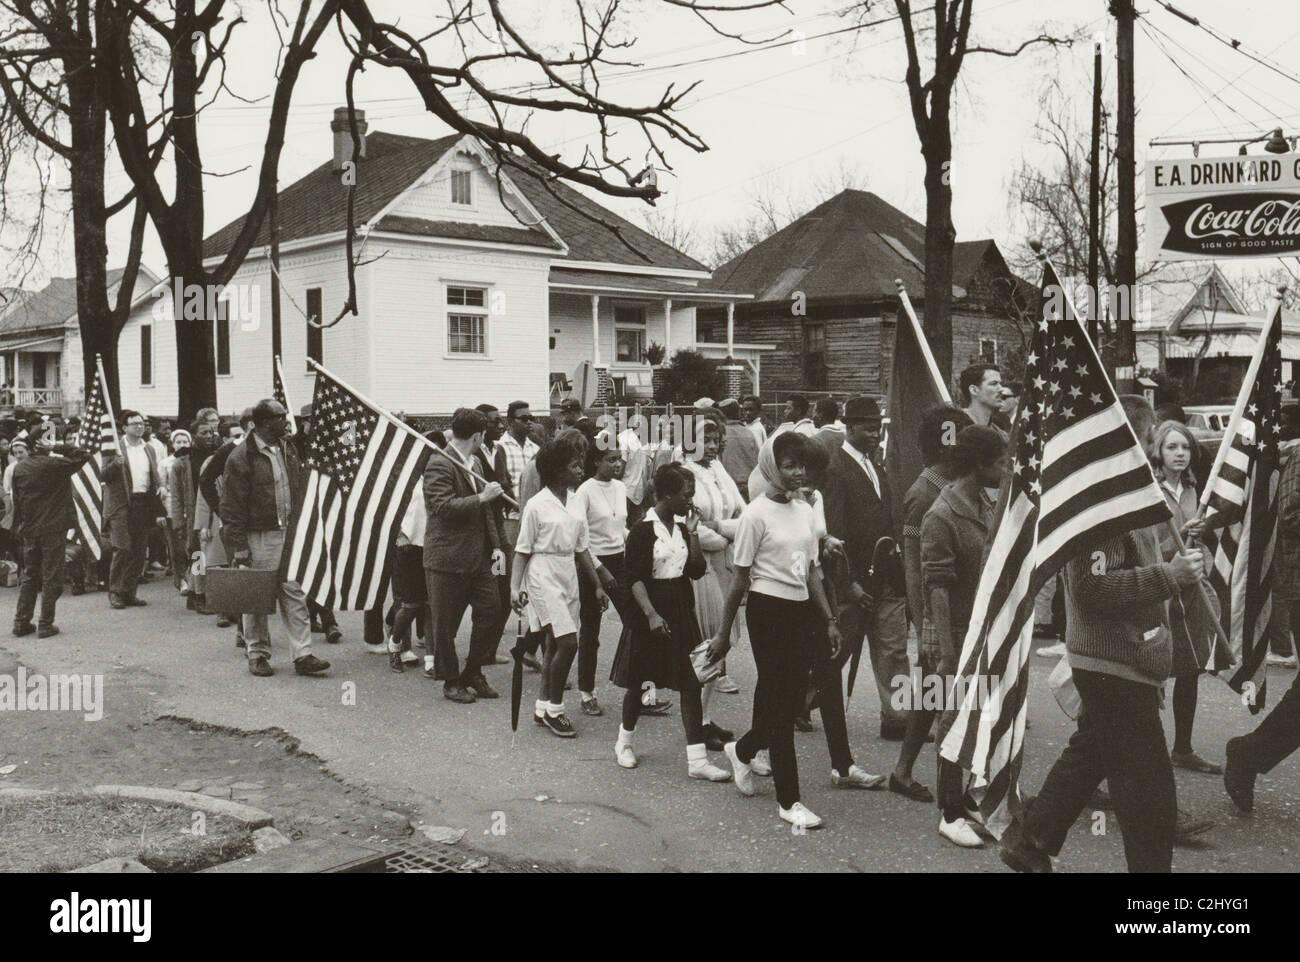 Los participantes, algunos llevando banderas americanas, marchando en la marcha de derechos civiles de Selma a Montgomery, Imagen De Stock